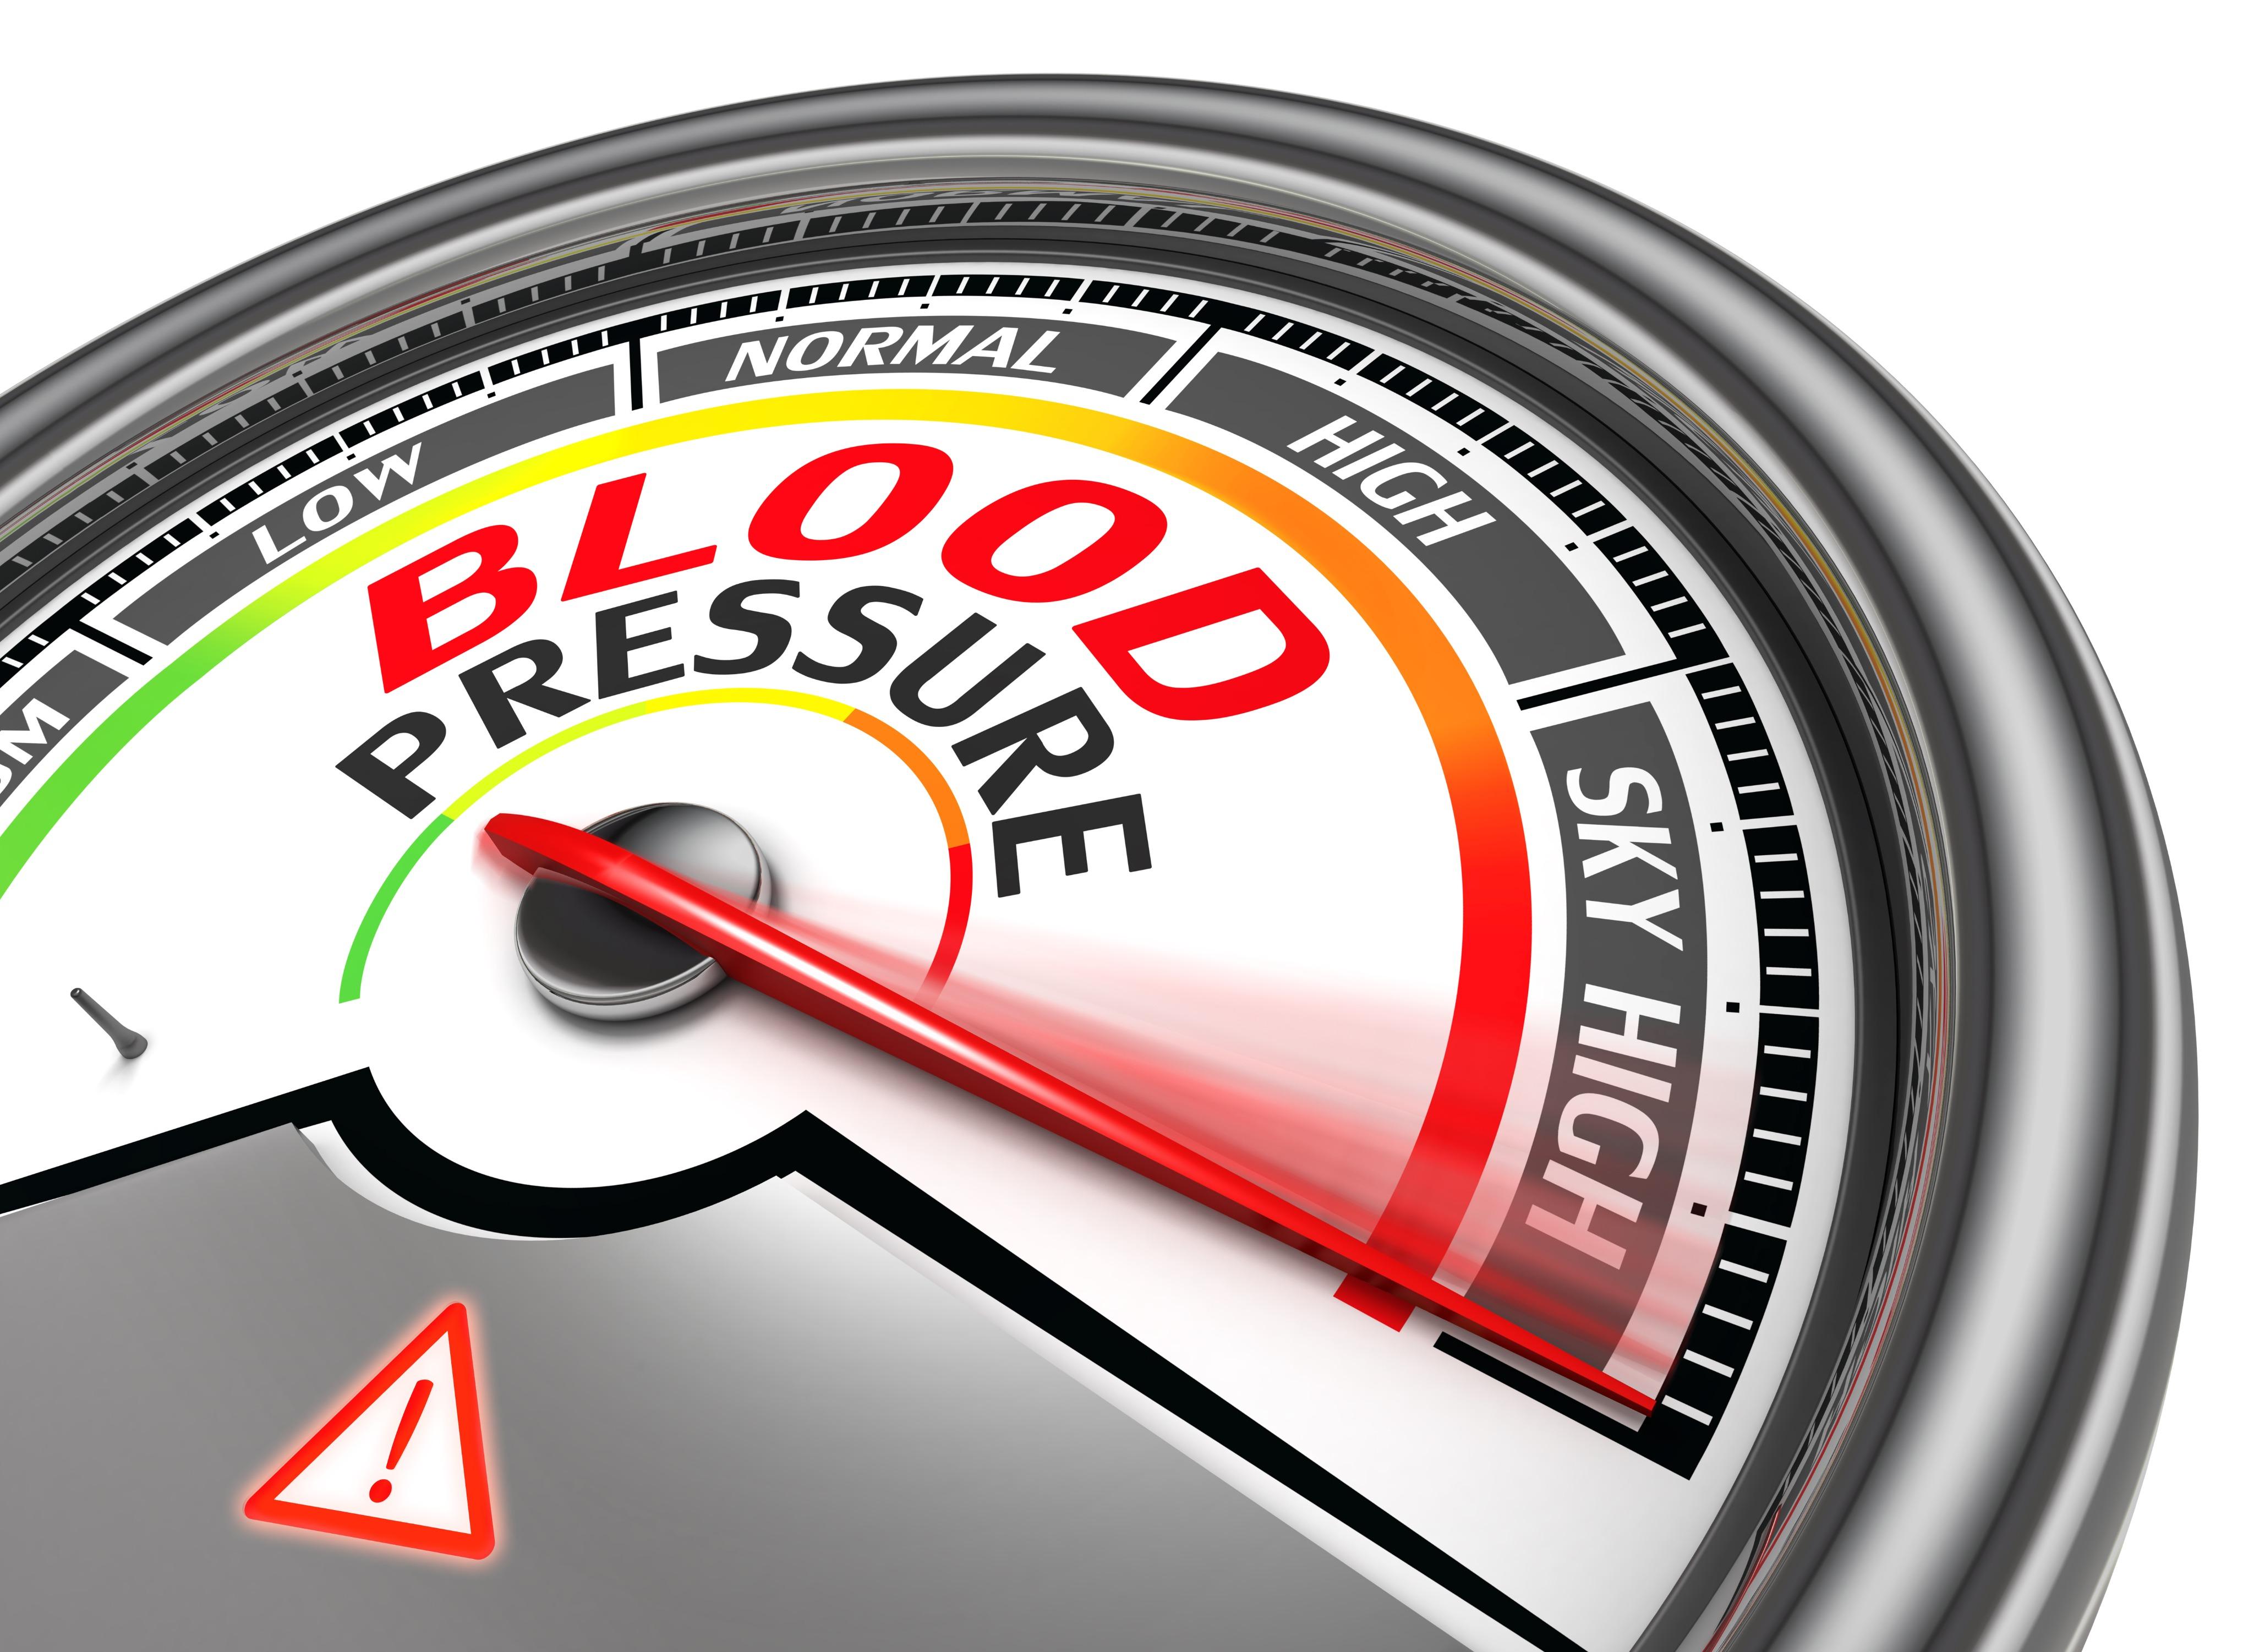 magas vérnyomás elleni gyógyszerek a vér koleszterinszintjére a magas vérnyomástól egy új generáció